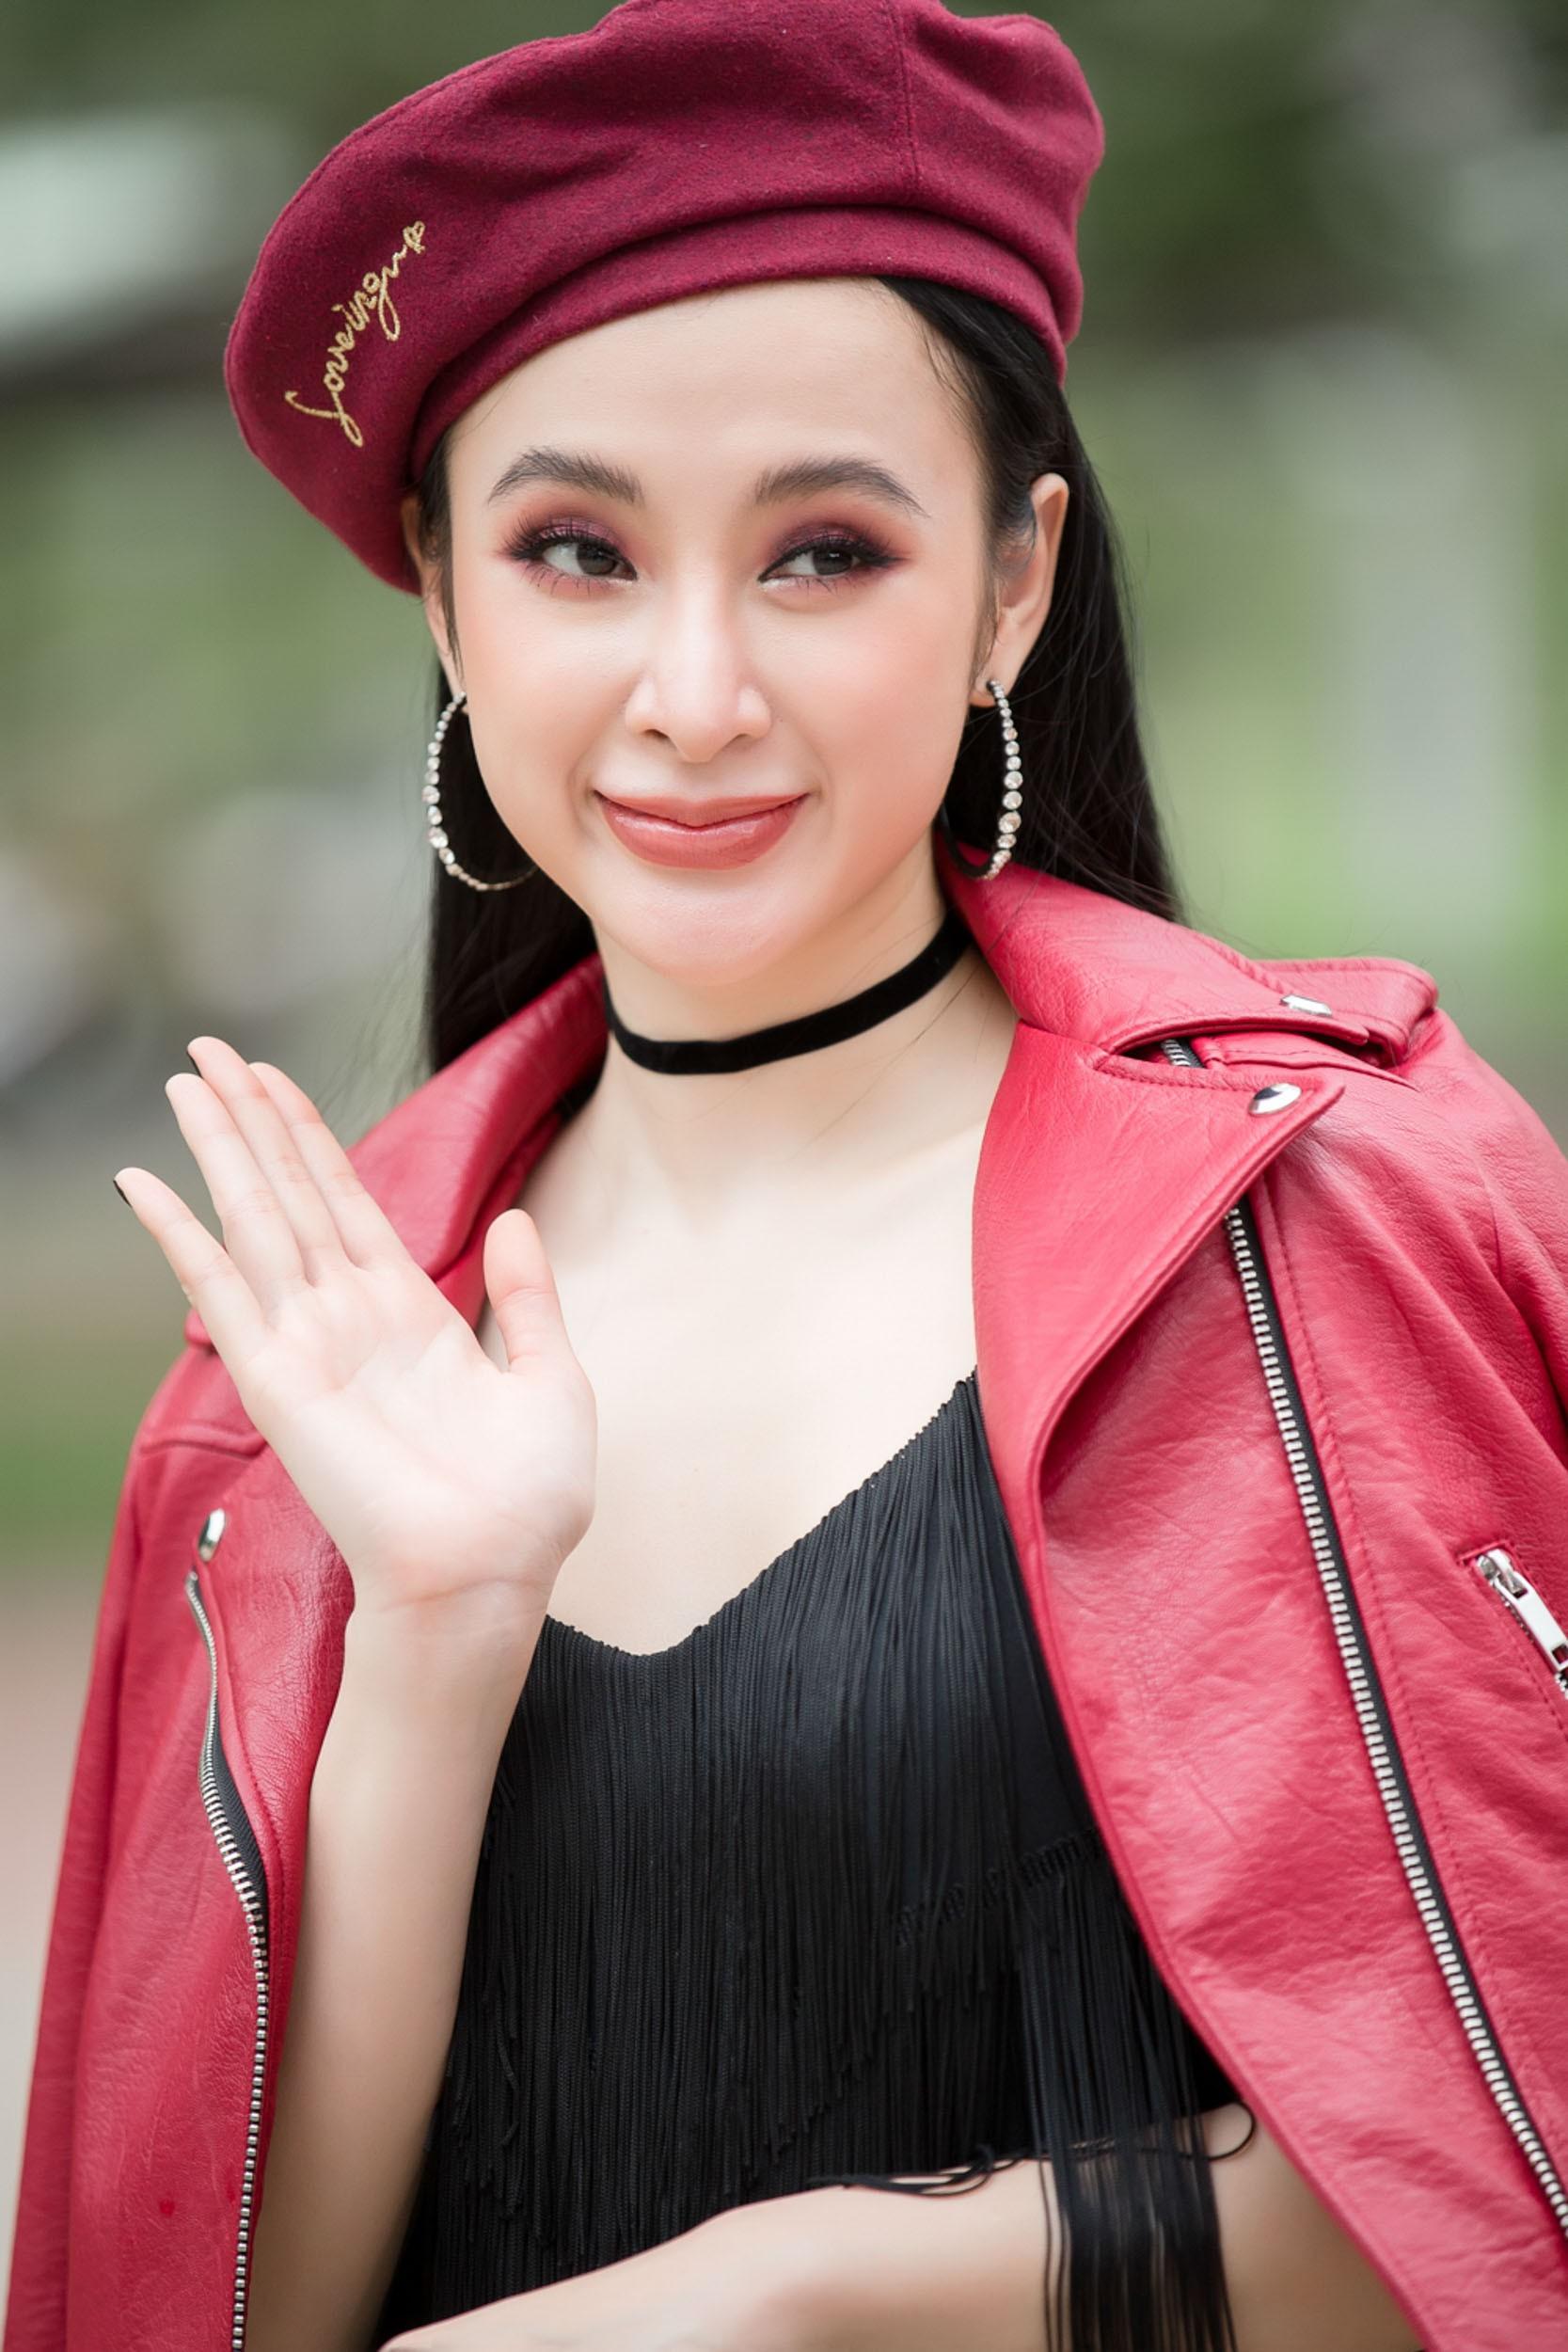 Hữu Vi khoá môi Angela Phương Trinh say đắm giữa trời mưa trước mặt khán giả - Ảnh 12.